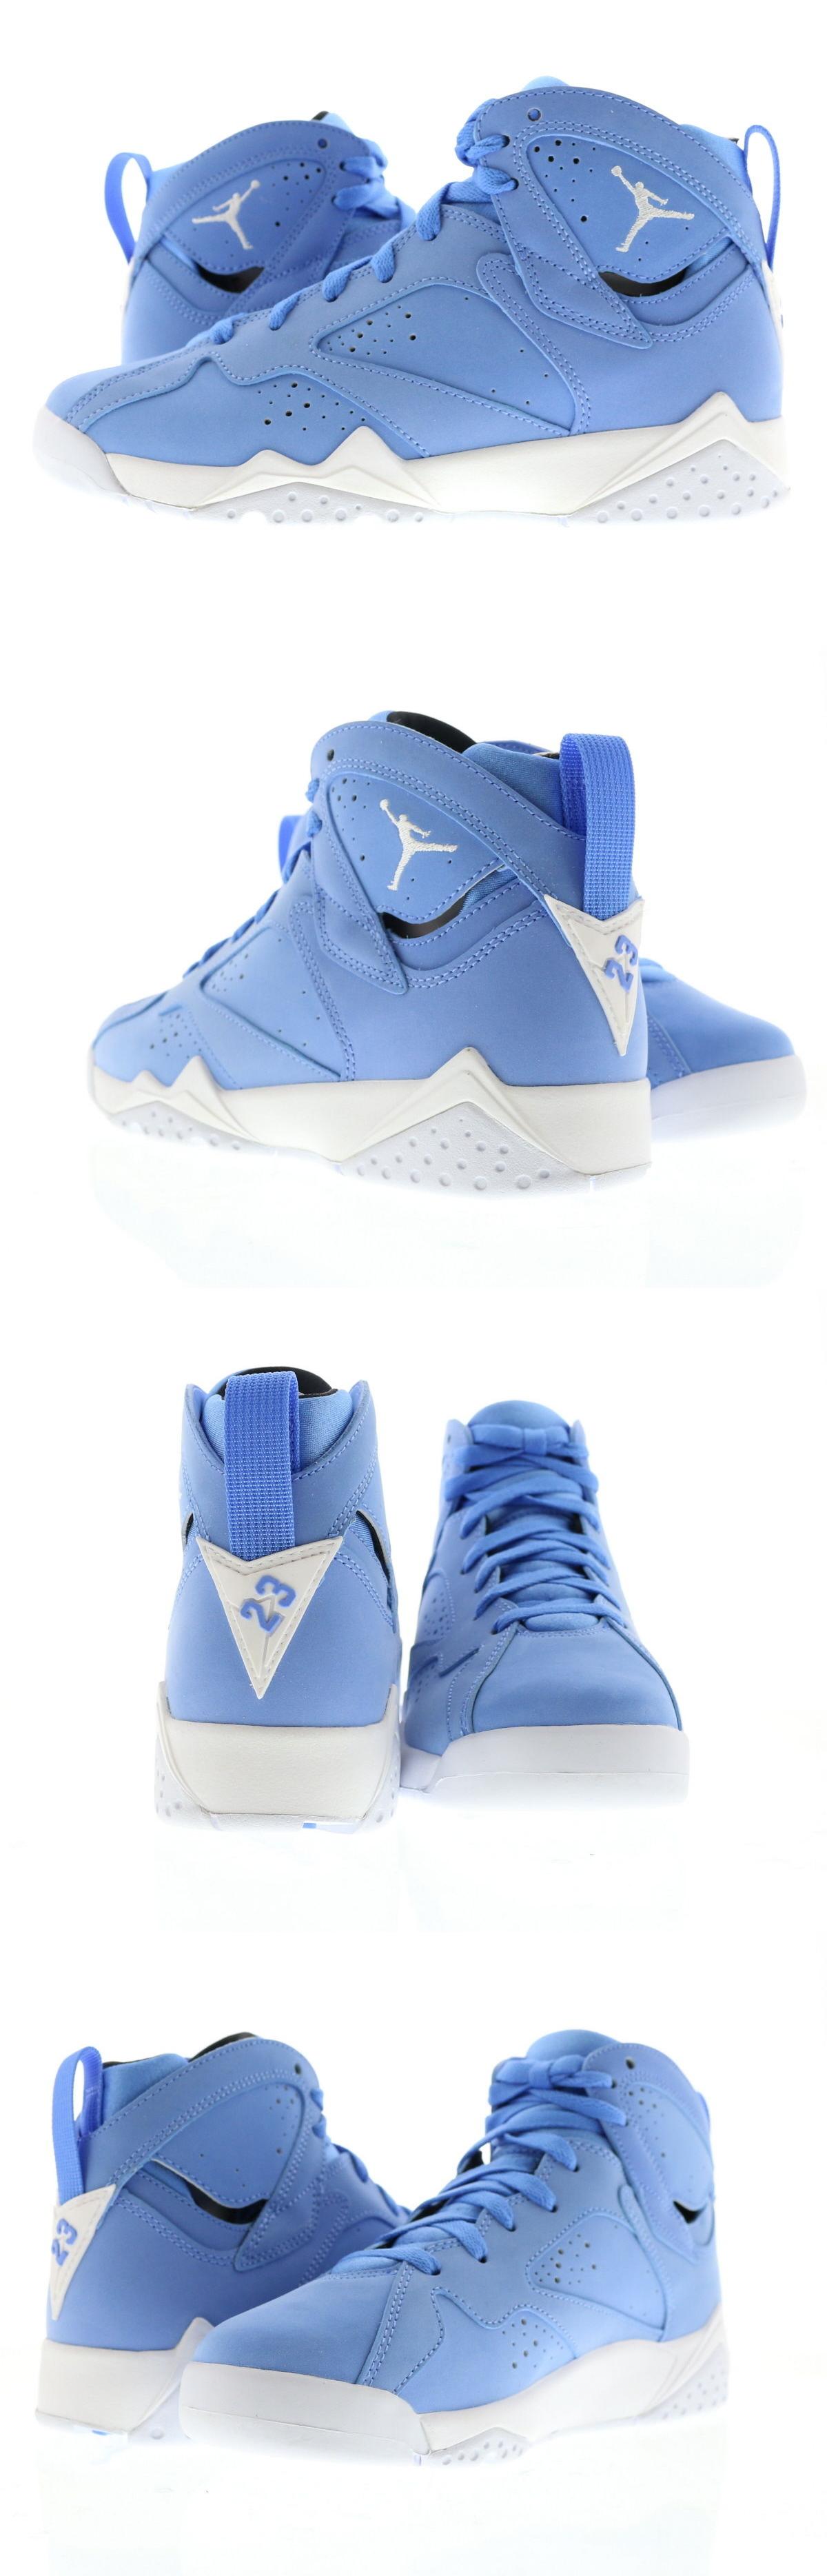 ... clearance boys shoes 57929 youth gs air jordan 7 retro pantone  university blue white 534c5 c97b8 73d8a189d